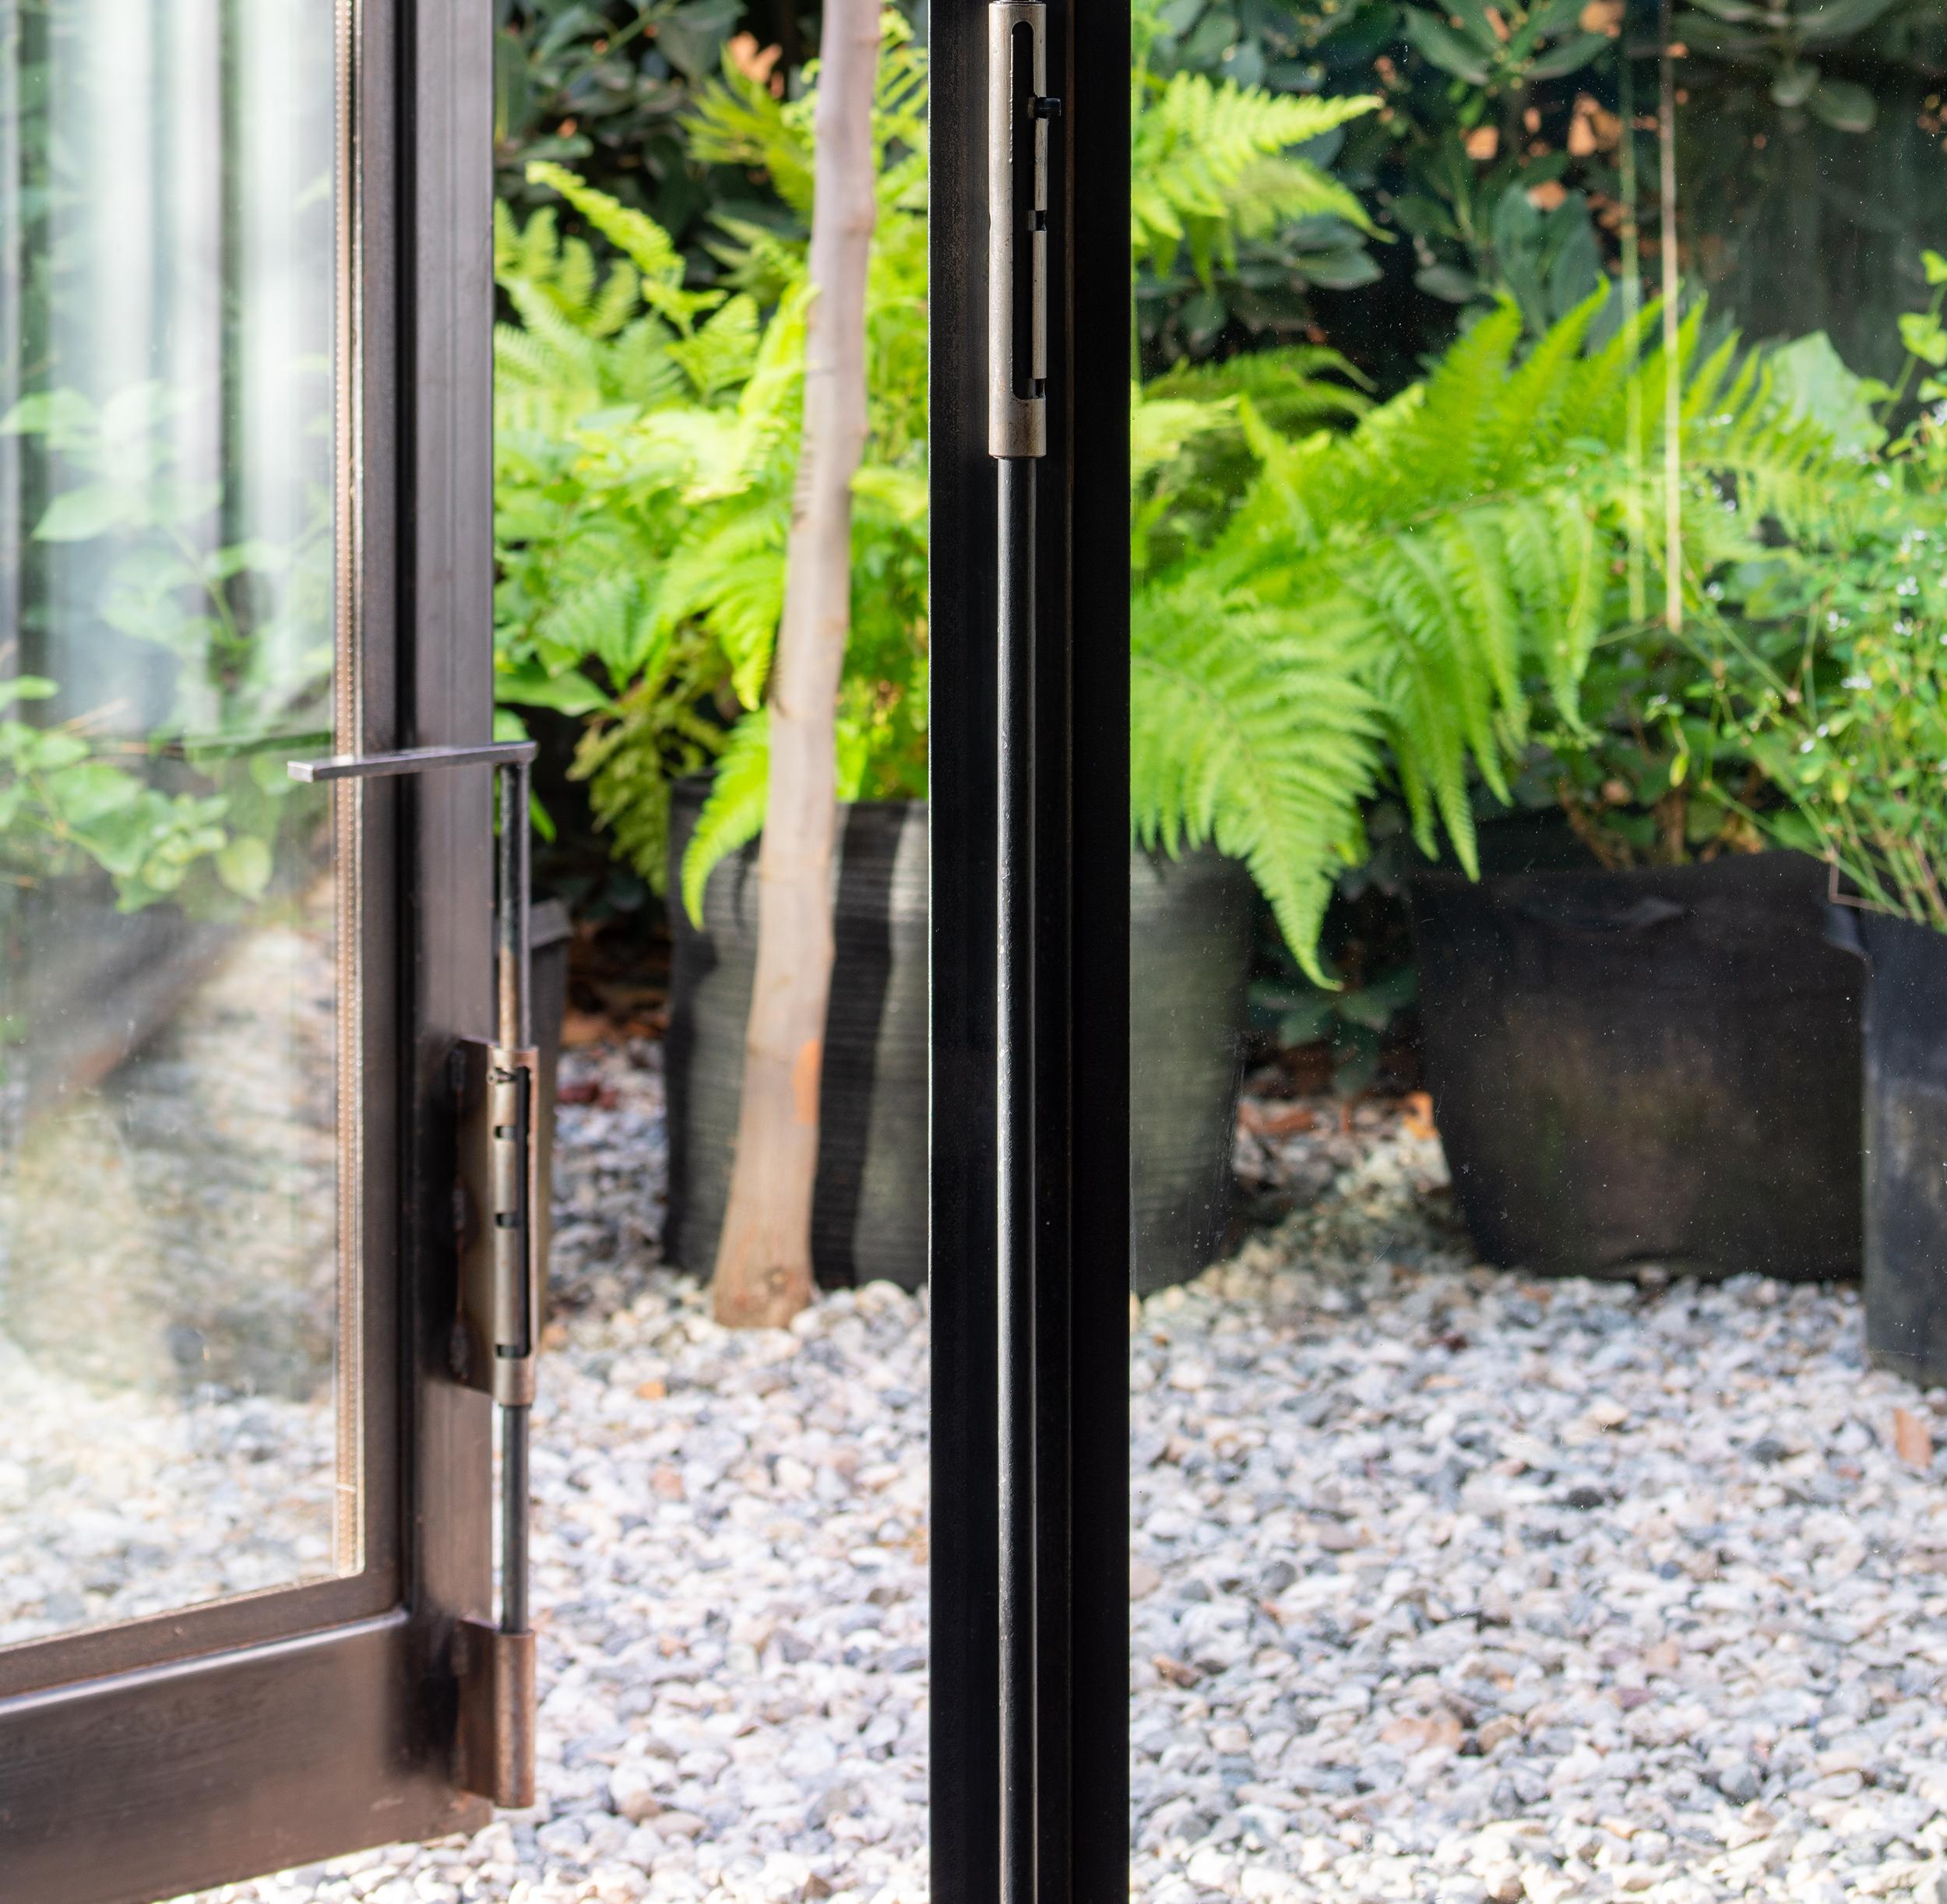 fern and plants in pots through glass door